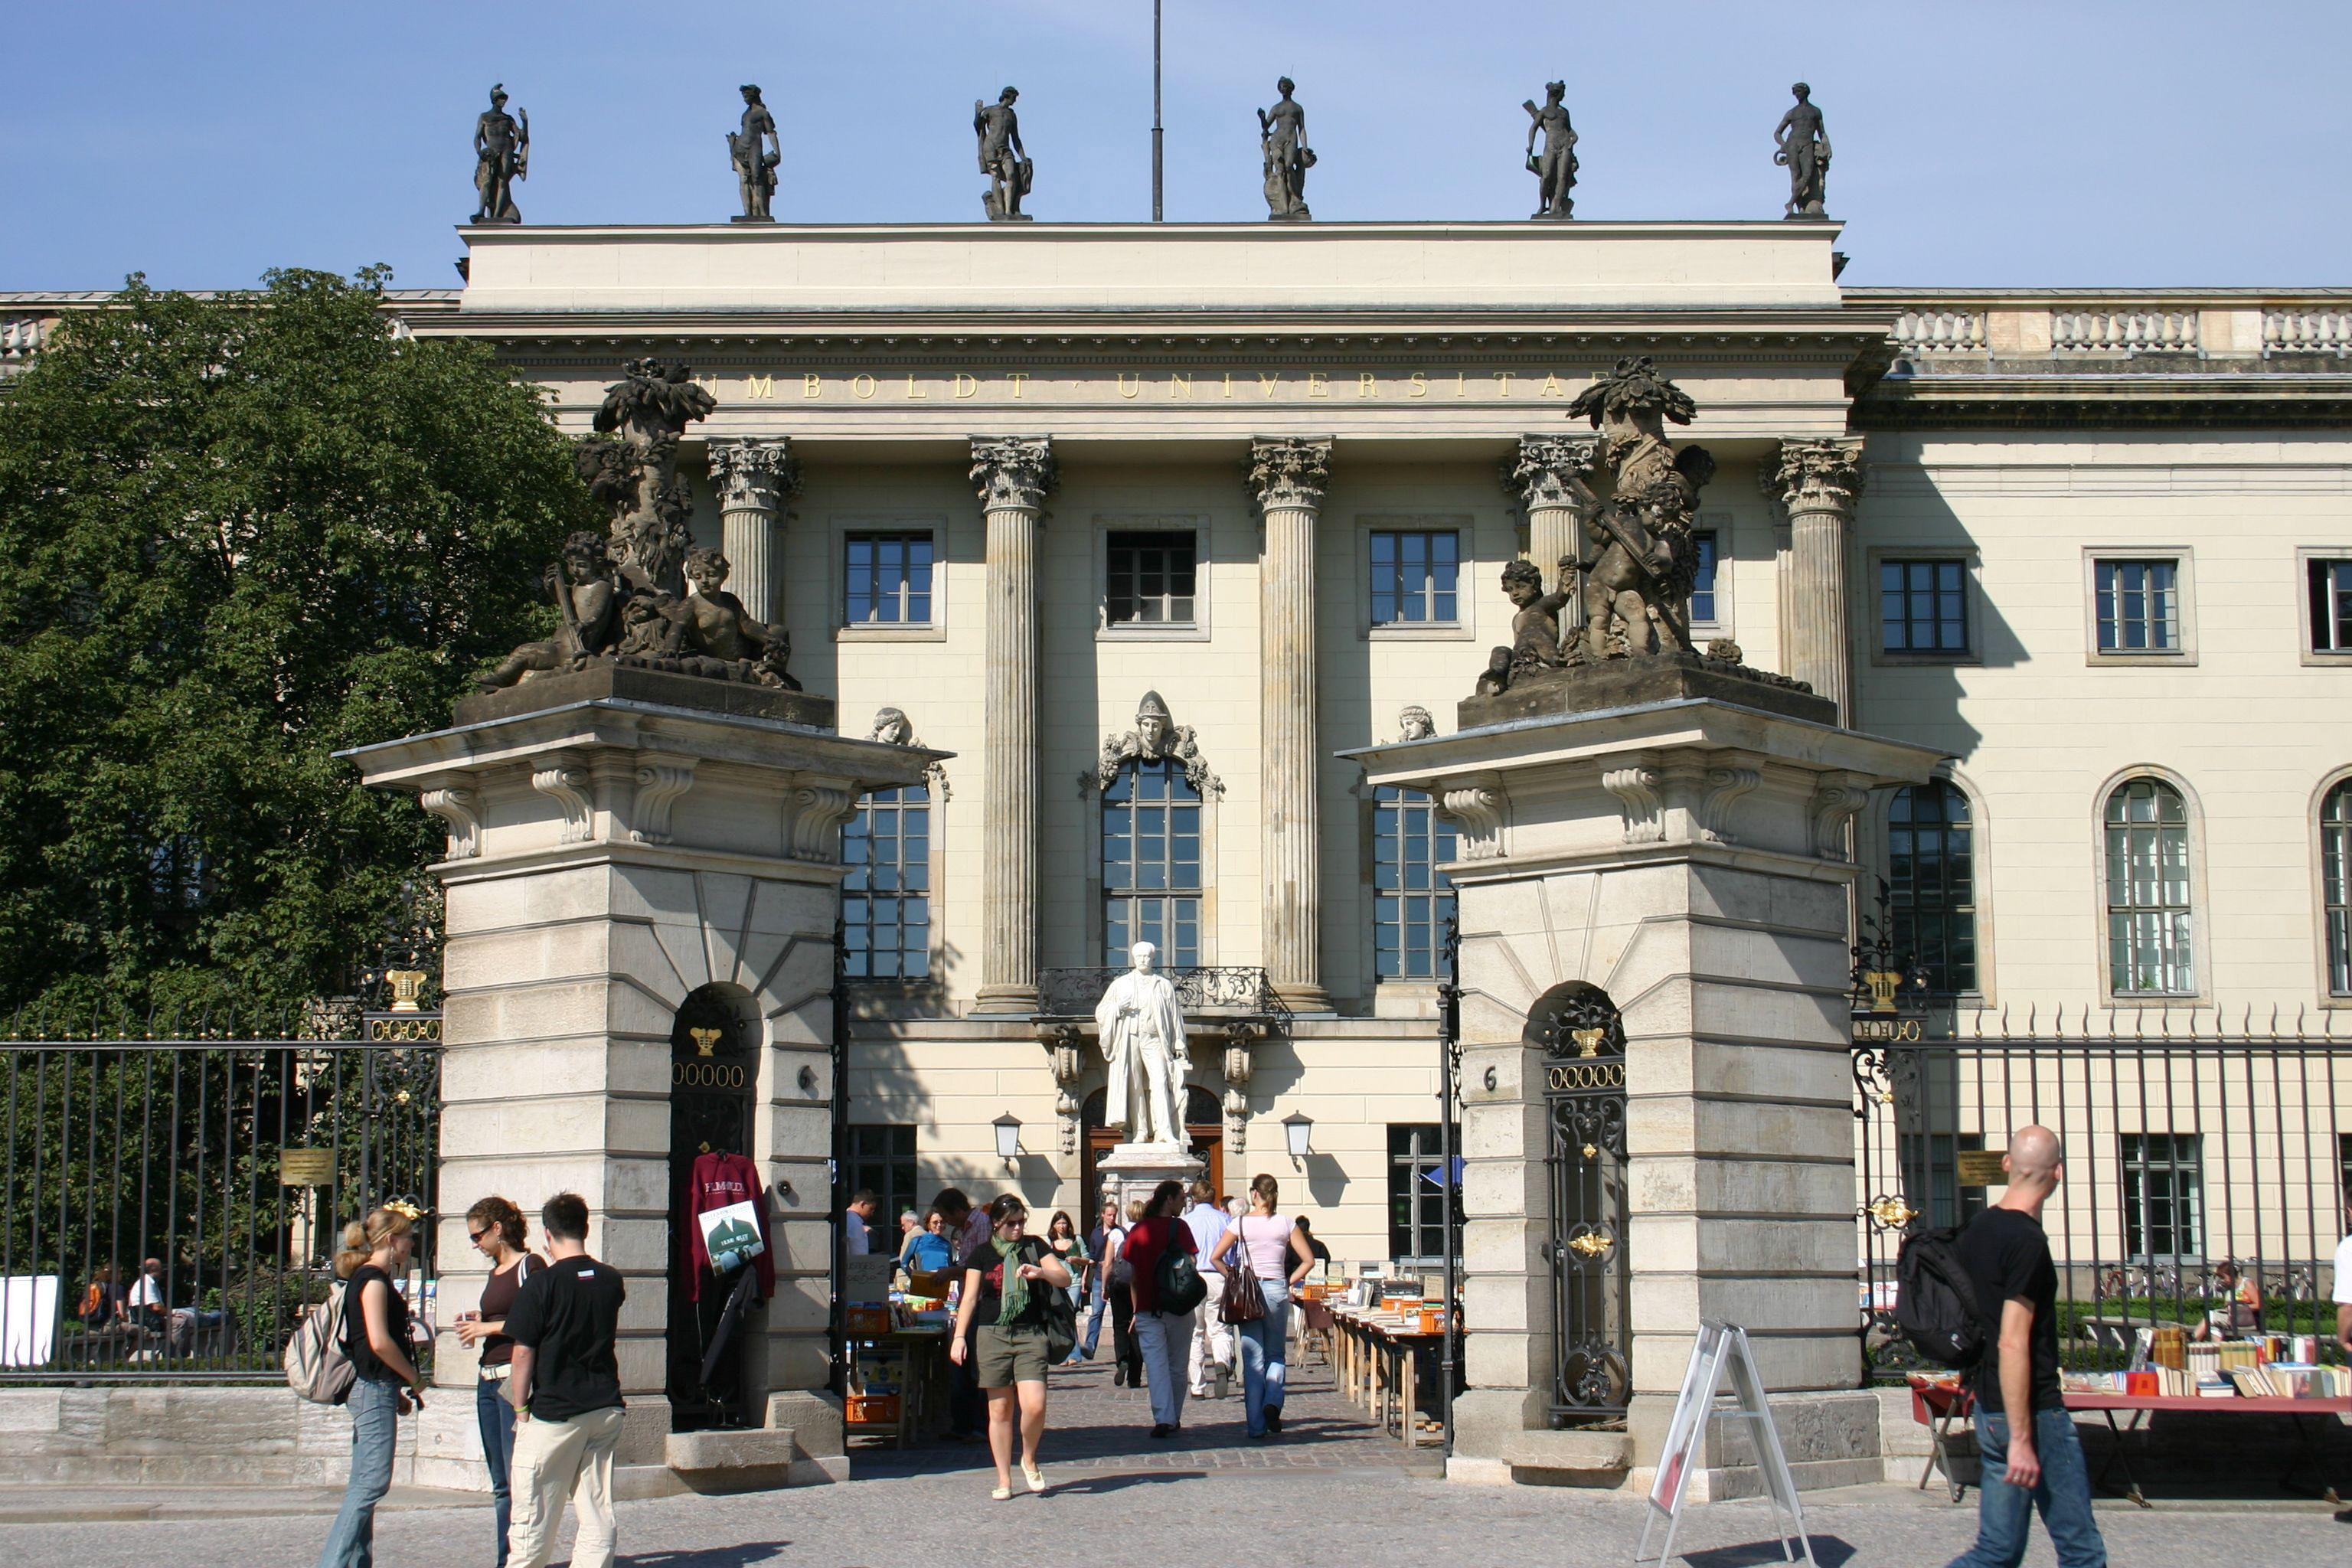 (Bild: Heike Zappe, CC NY-NC-ND 3.0) Die Humboldt-Universität Berlin – Hort für Extremisten?